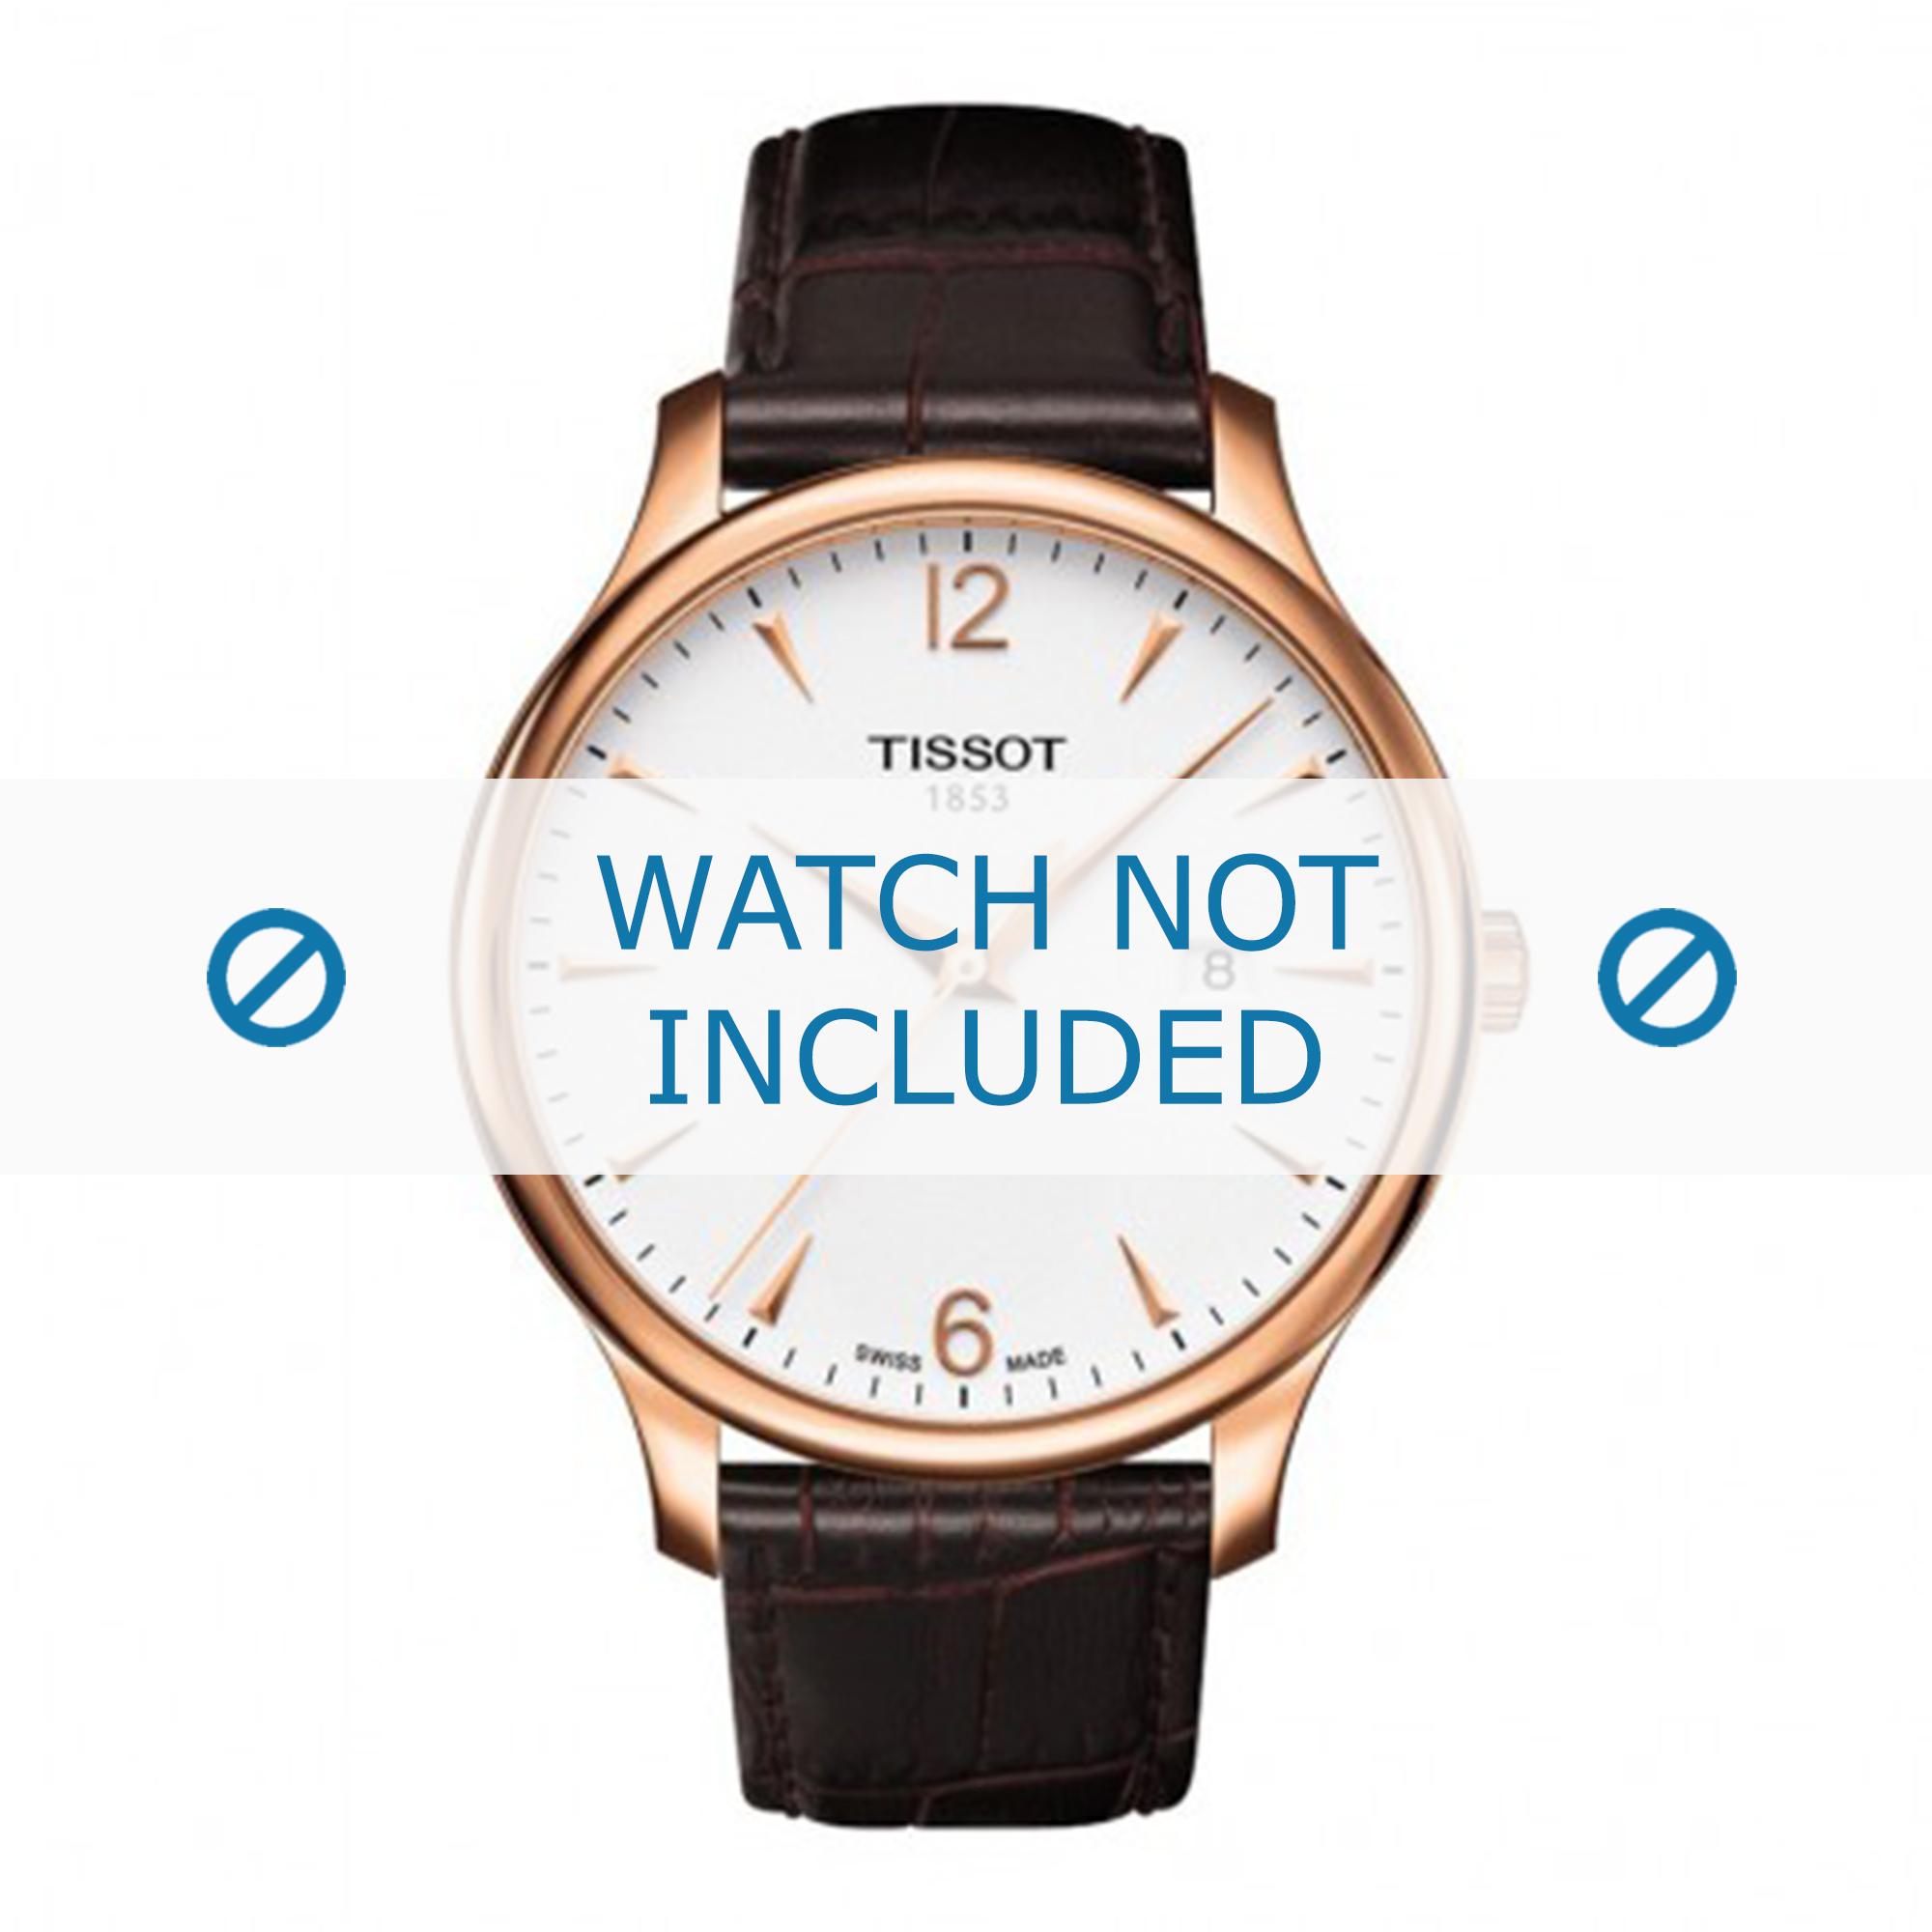 Tissot horlogeband T063.610.36.037.00 Leder Donkerbruin 20mm + bruin stiksel